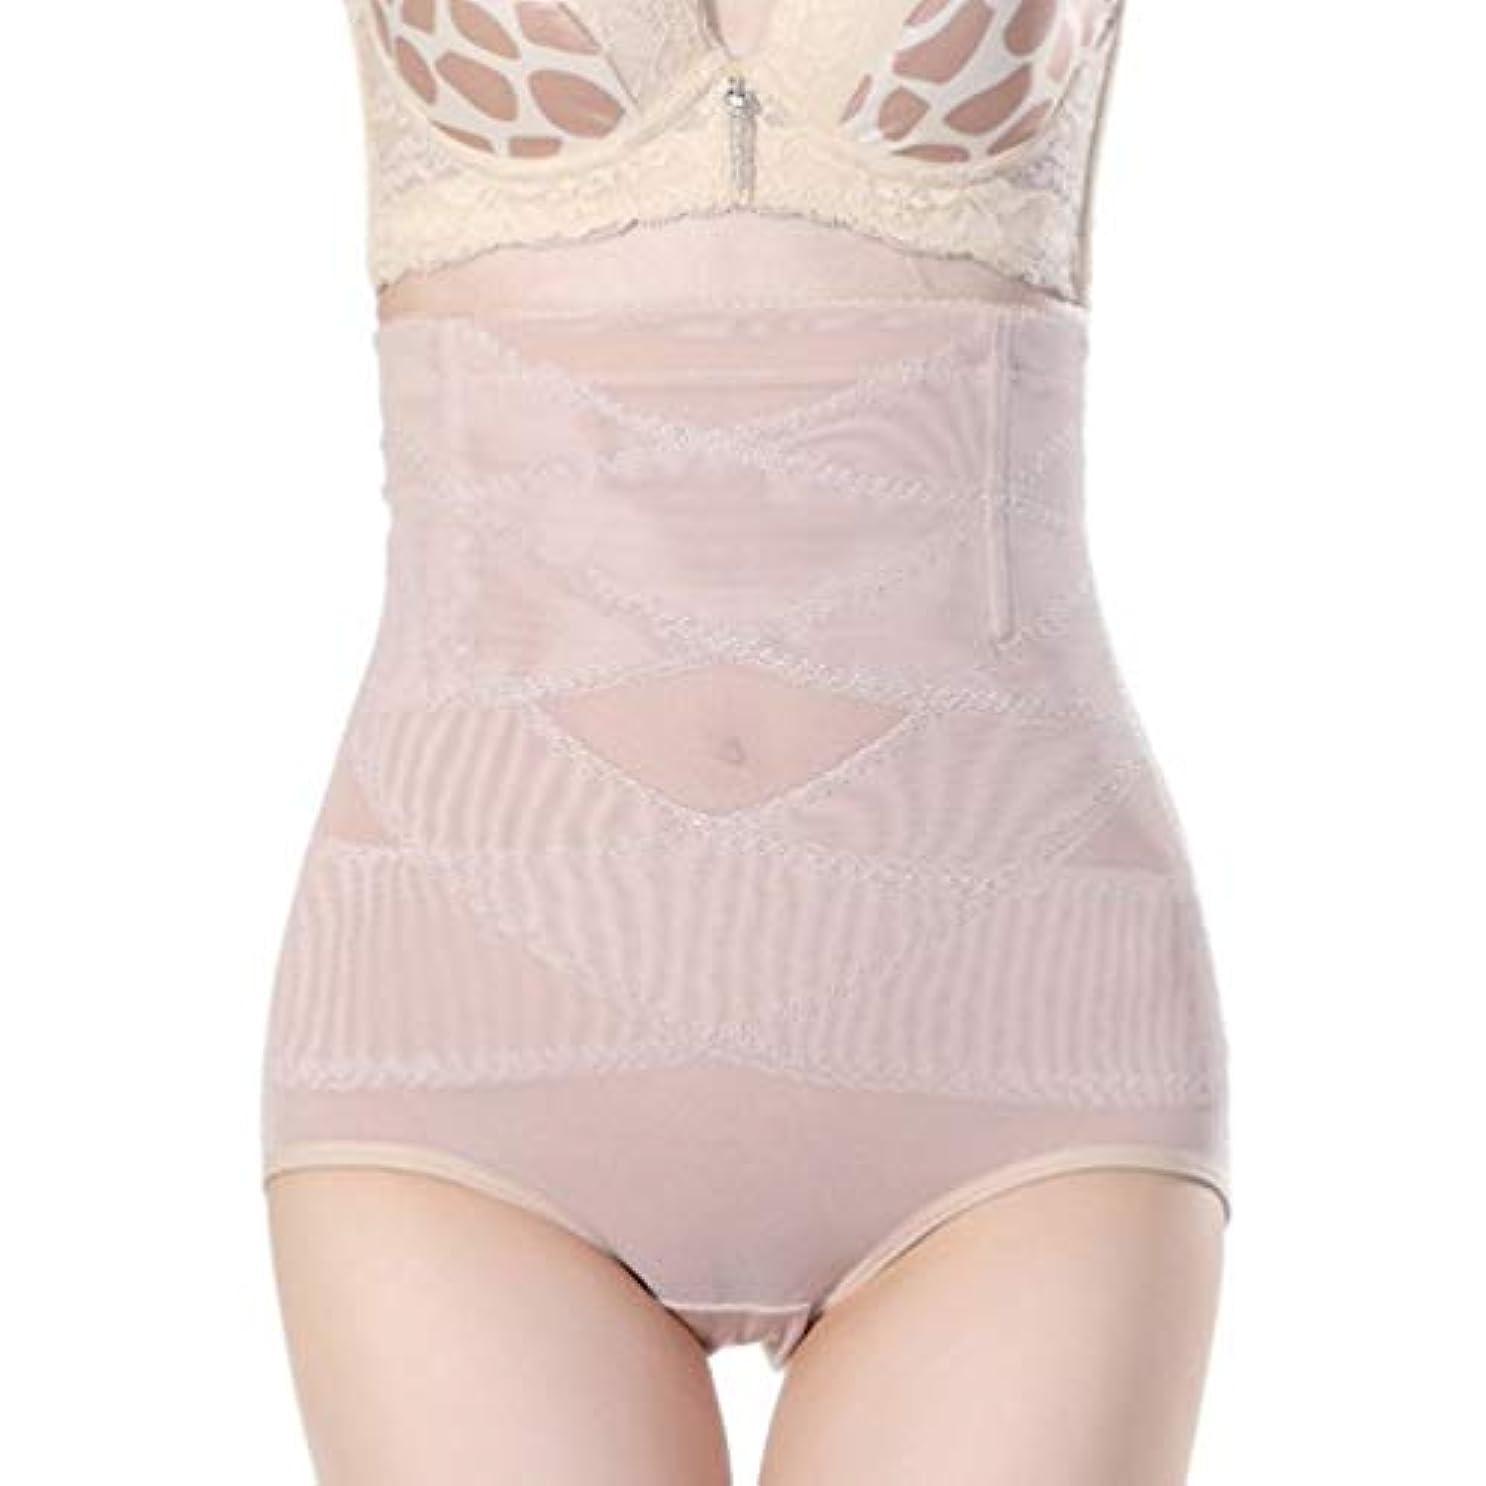 ビーチ堀はげ腹部制御下着シームレスおなかコントロールパンティーバットリフターボディシェイパーを痩身通気性のハイウエストの女性 - 肌色3 XL